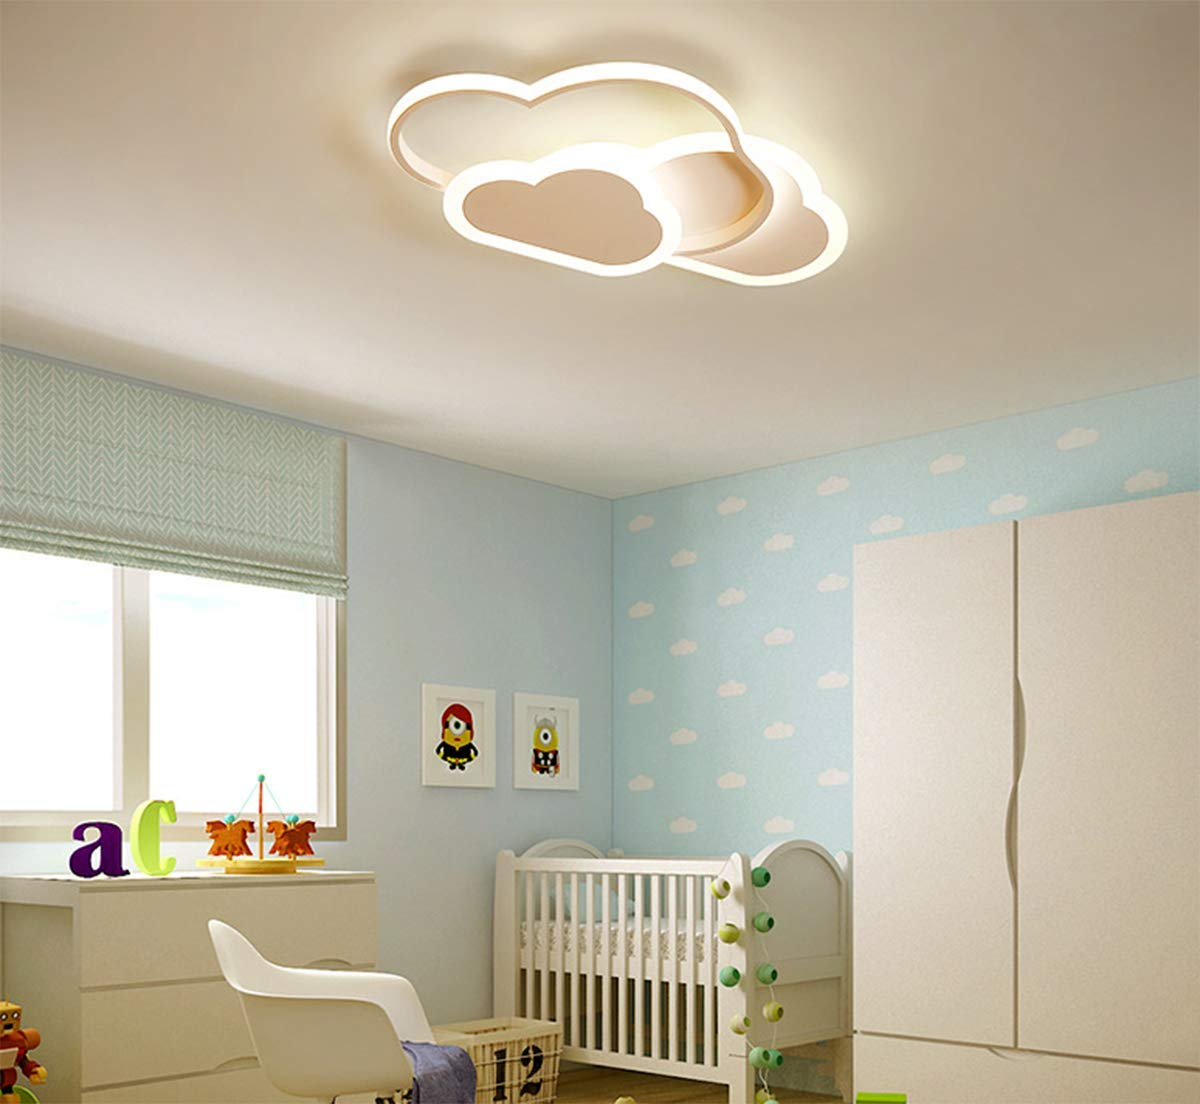 blancas modernas Aplique de pared para sala de estar Pasillo de dormitorio y habitaci/ón de infantil Luz de techo LED blanco c/álido 3000K 32W 2700lm 42cm l/ámpara de techo nube creativa